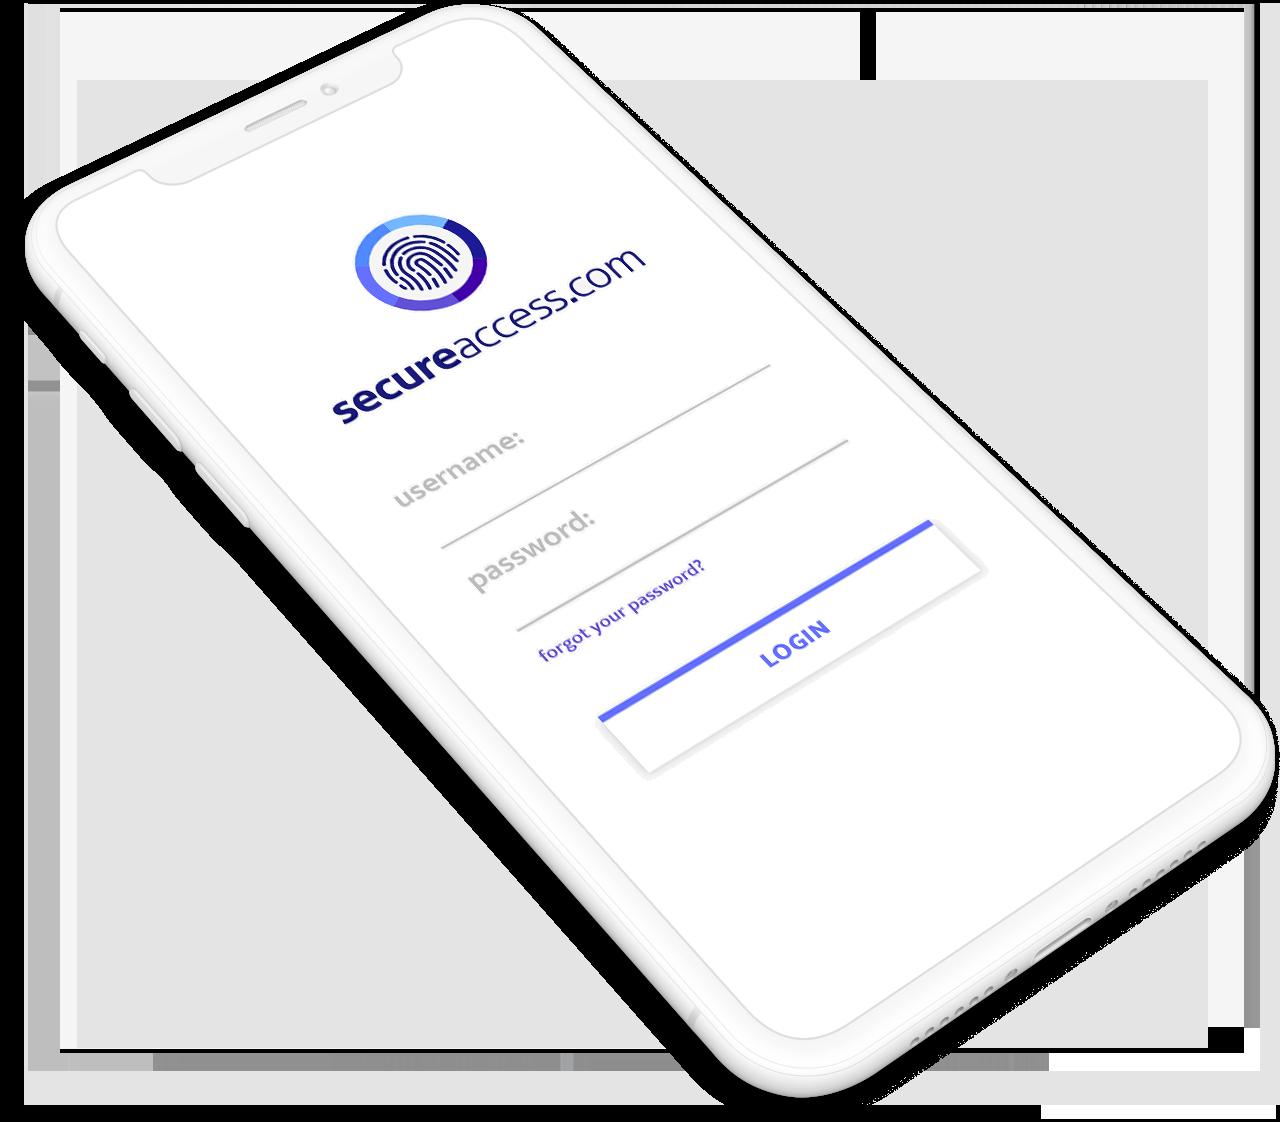 Secure Access App login